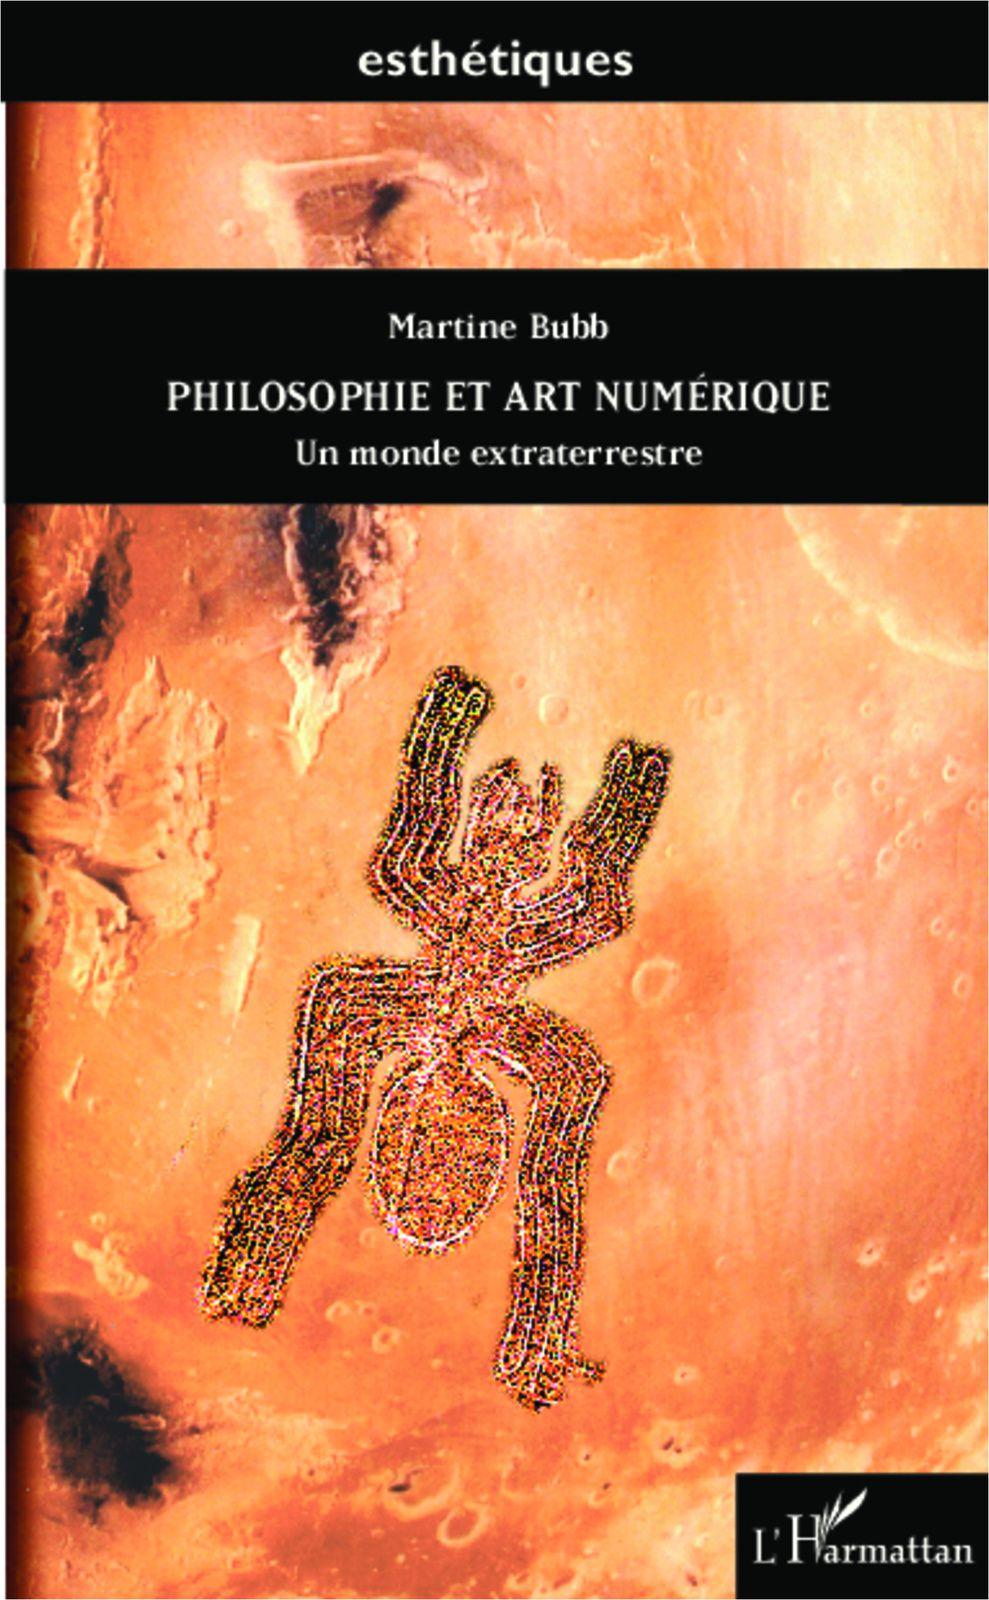 PHILOSOPHIE ET ART NUMÉRIQUE - Un monde extraterrestre